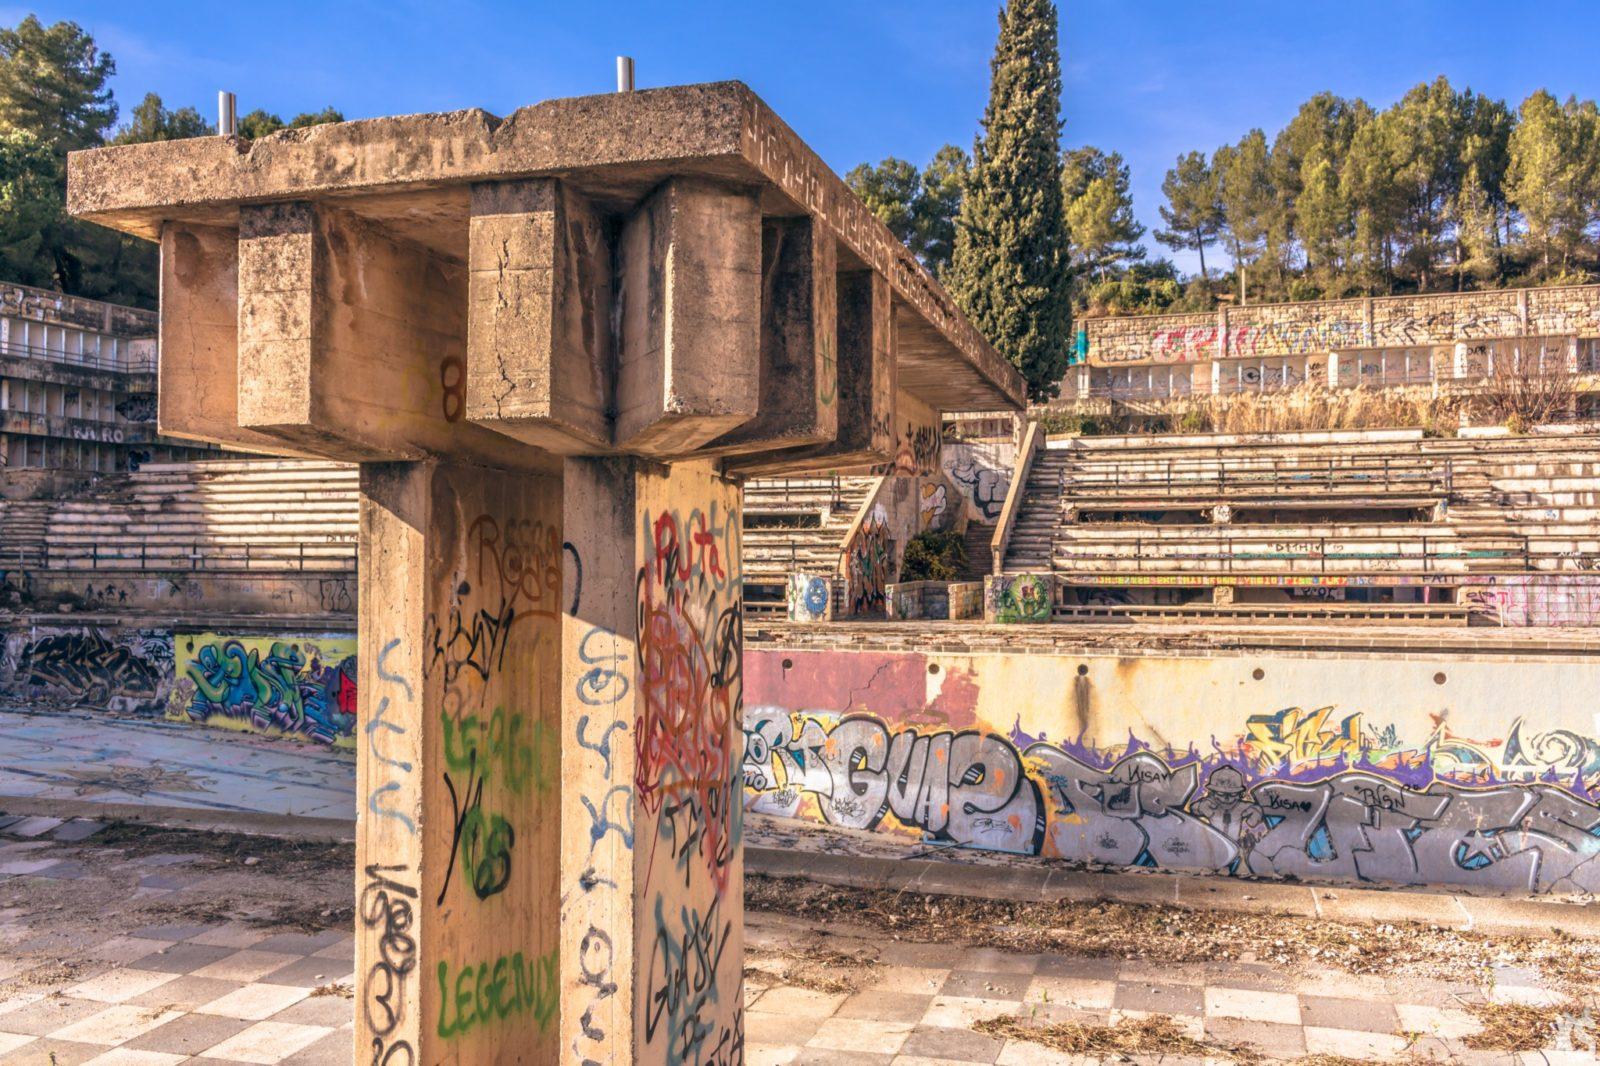 Piscine olympique de la Vega 7urbex radar exlporation piscine abandon fantome - Piscines olympiques et parcs aquatiques : les plus beaux spots abandonnés